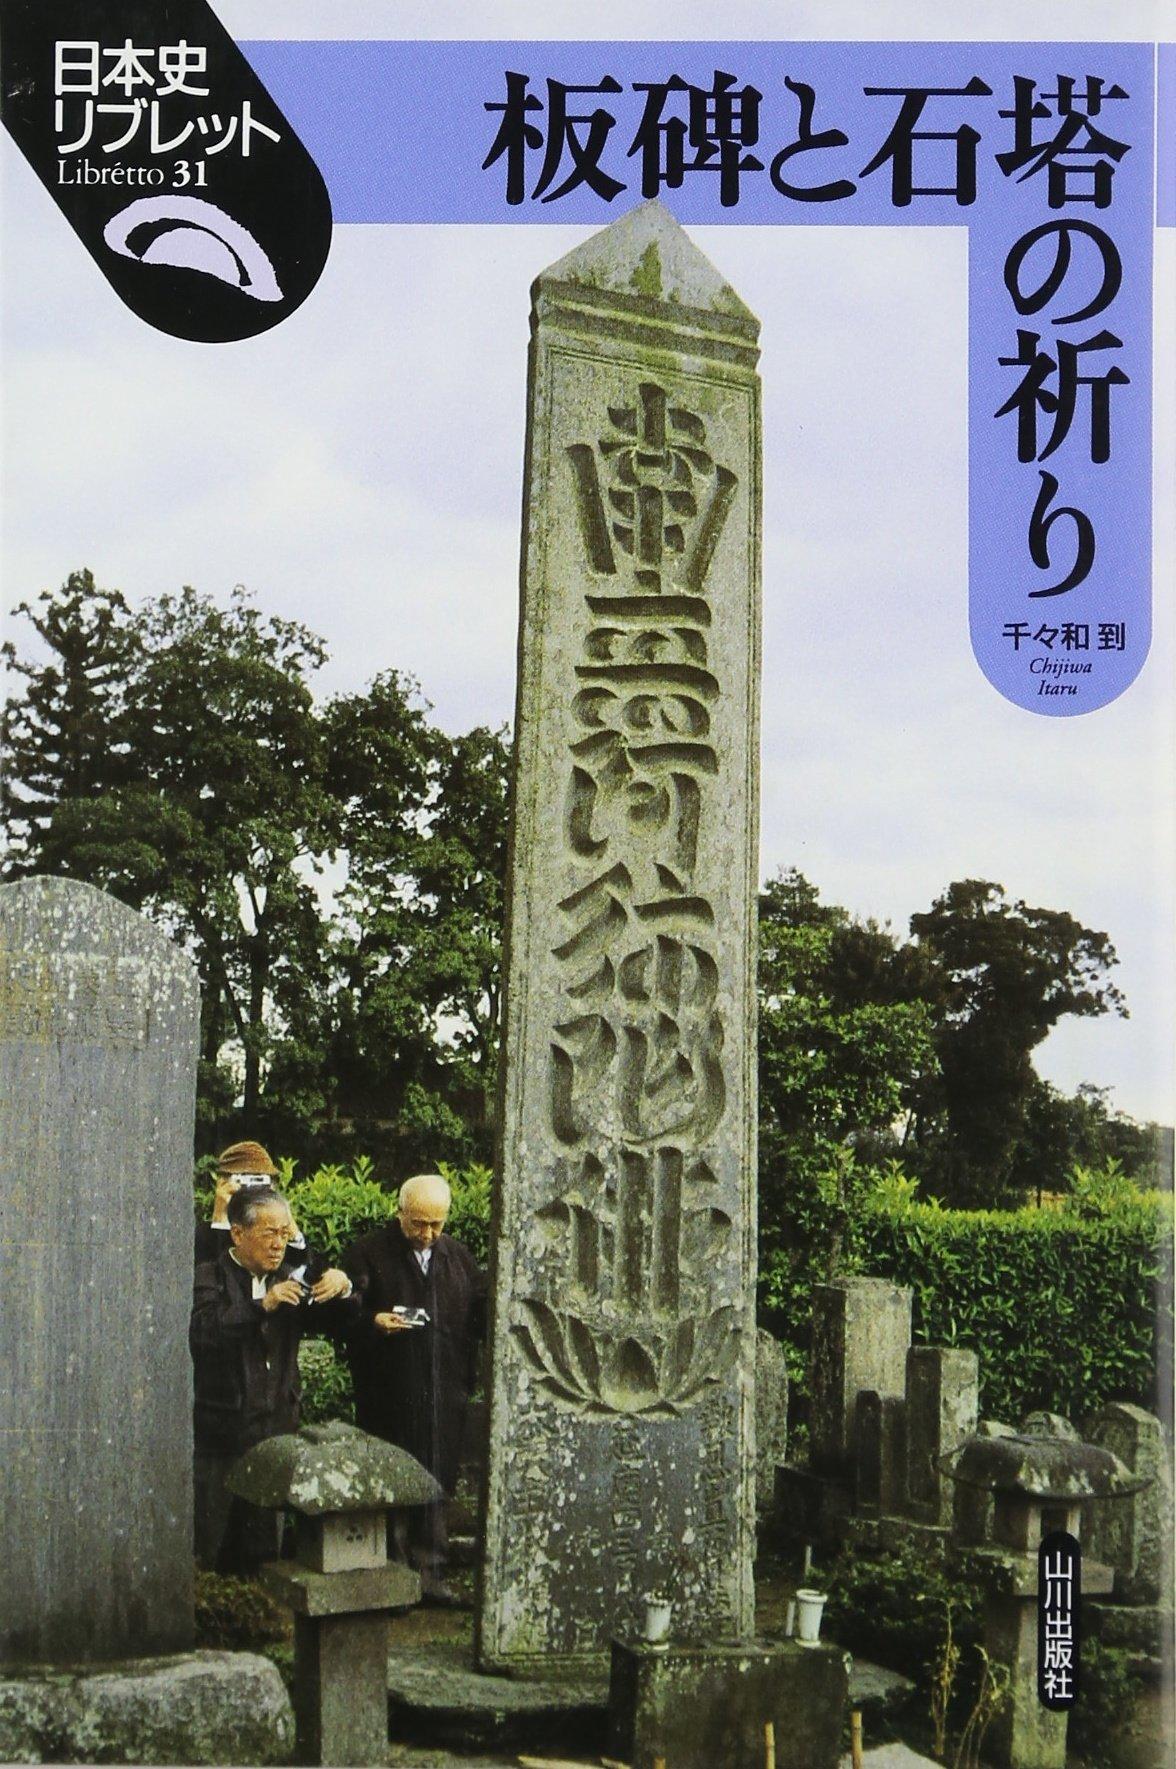 千々和到(2007)『板碑と石塔の祈り』(日本史リブレット)山川出版社